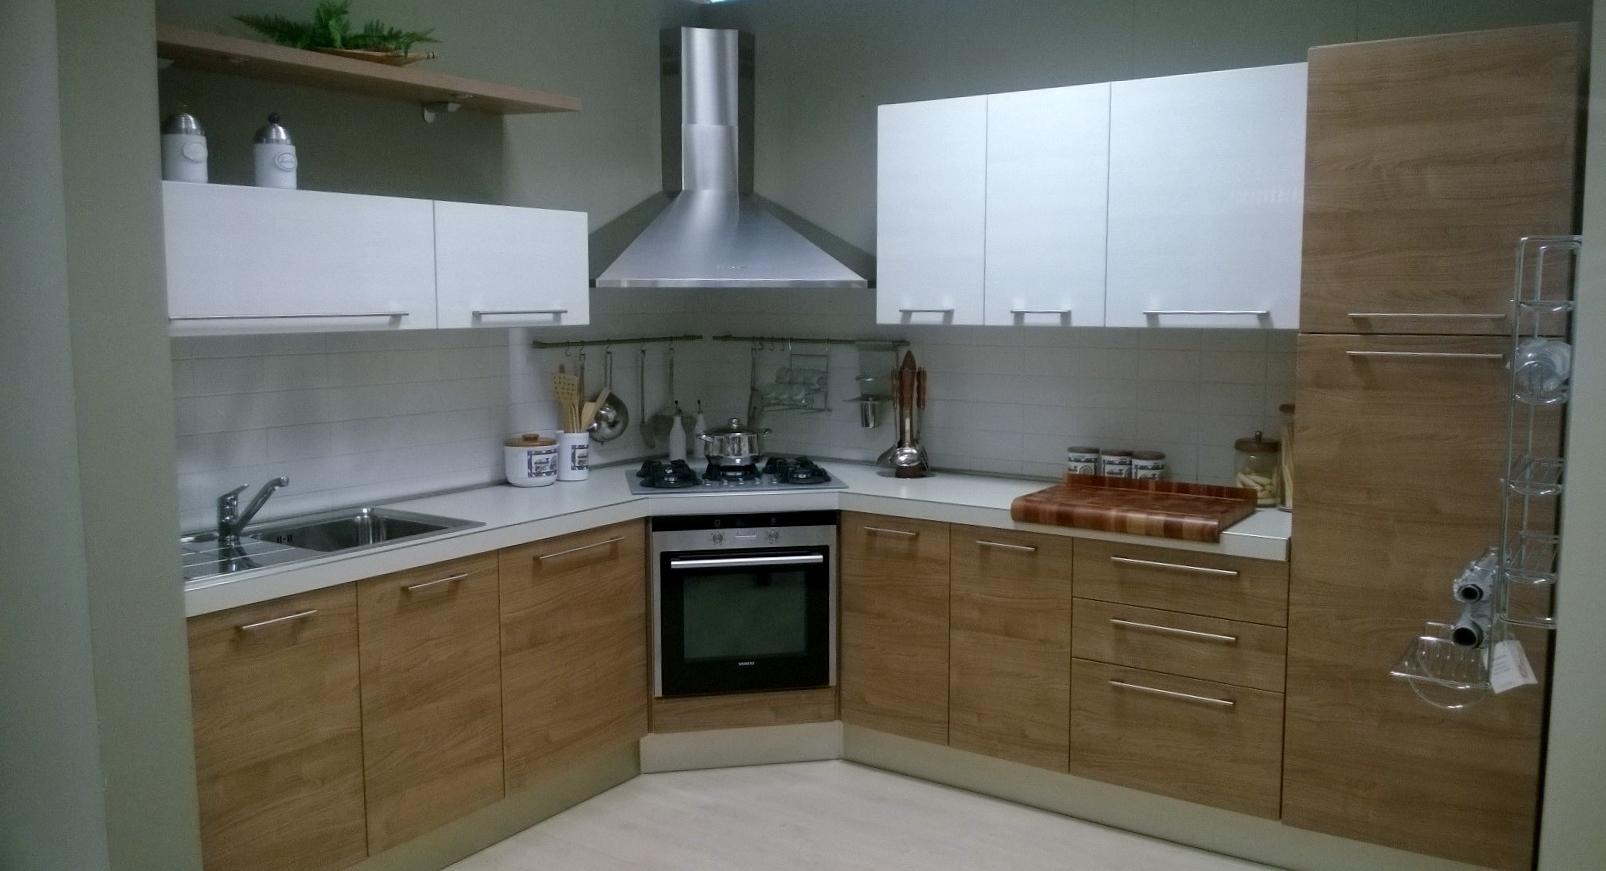 Cucina gicinque cucine slim scontato del 40 cucine a prezzi scontati - Cucine gicinque ...